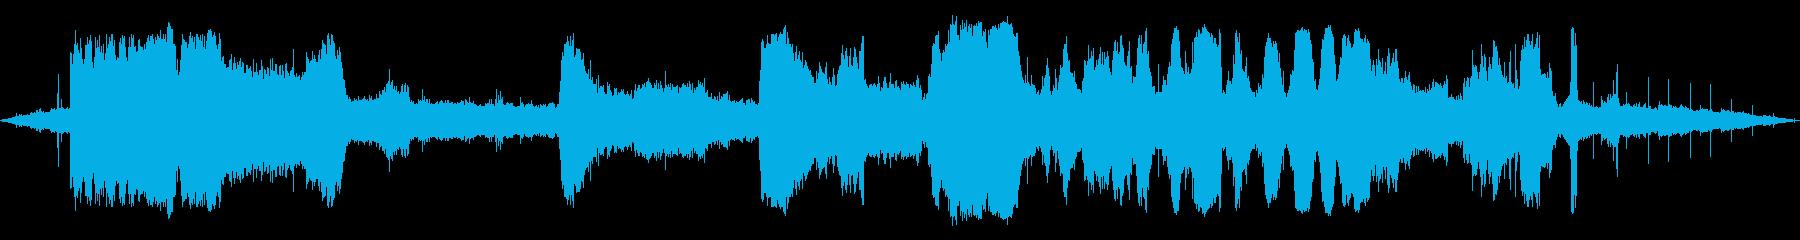 機械搾乳プロセス:ラインの接続、エ...の再生済みの波形